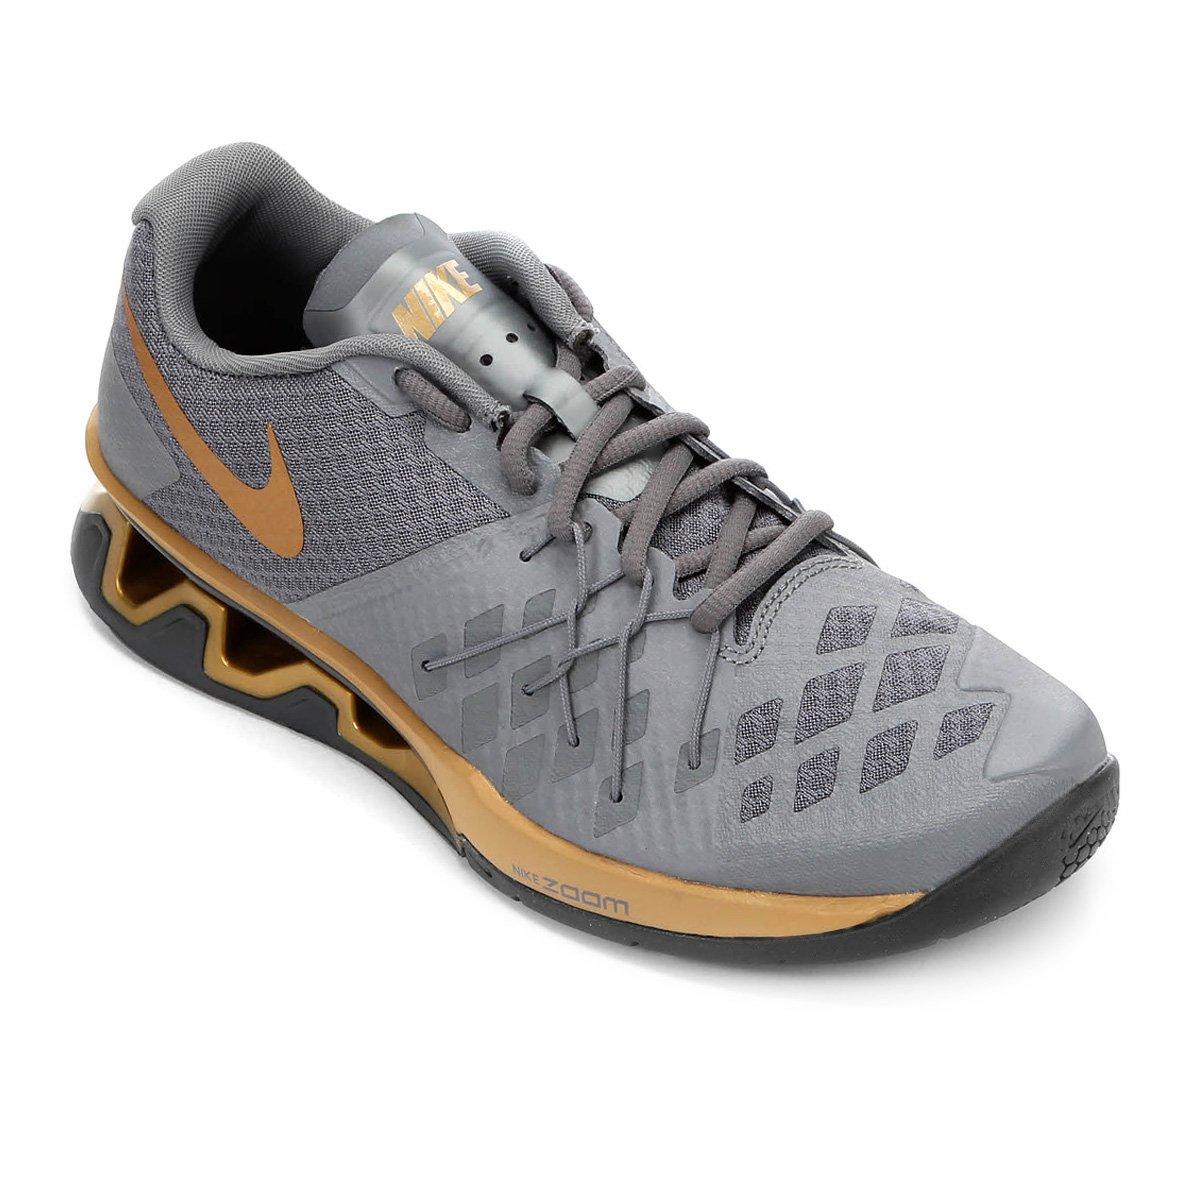 e892ebe5122 Tênis Nike Reax Lightspeed 2 Masculino - Cinza e Dourado - Compre Agora